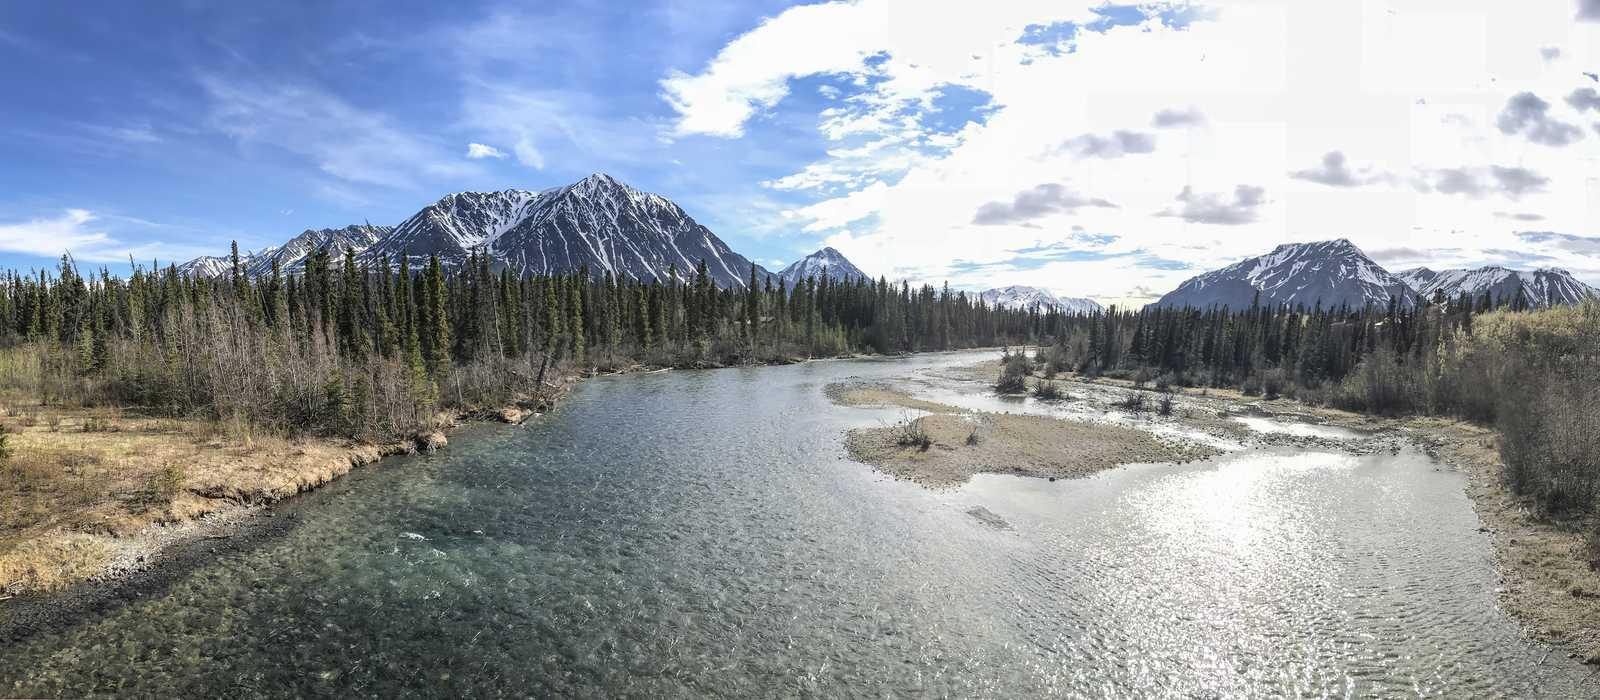 Ausblick auf die Berge im Kluane National Park